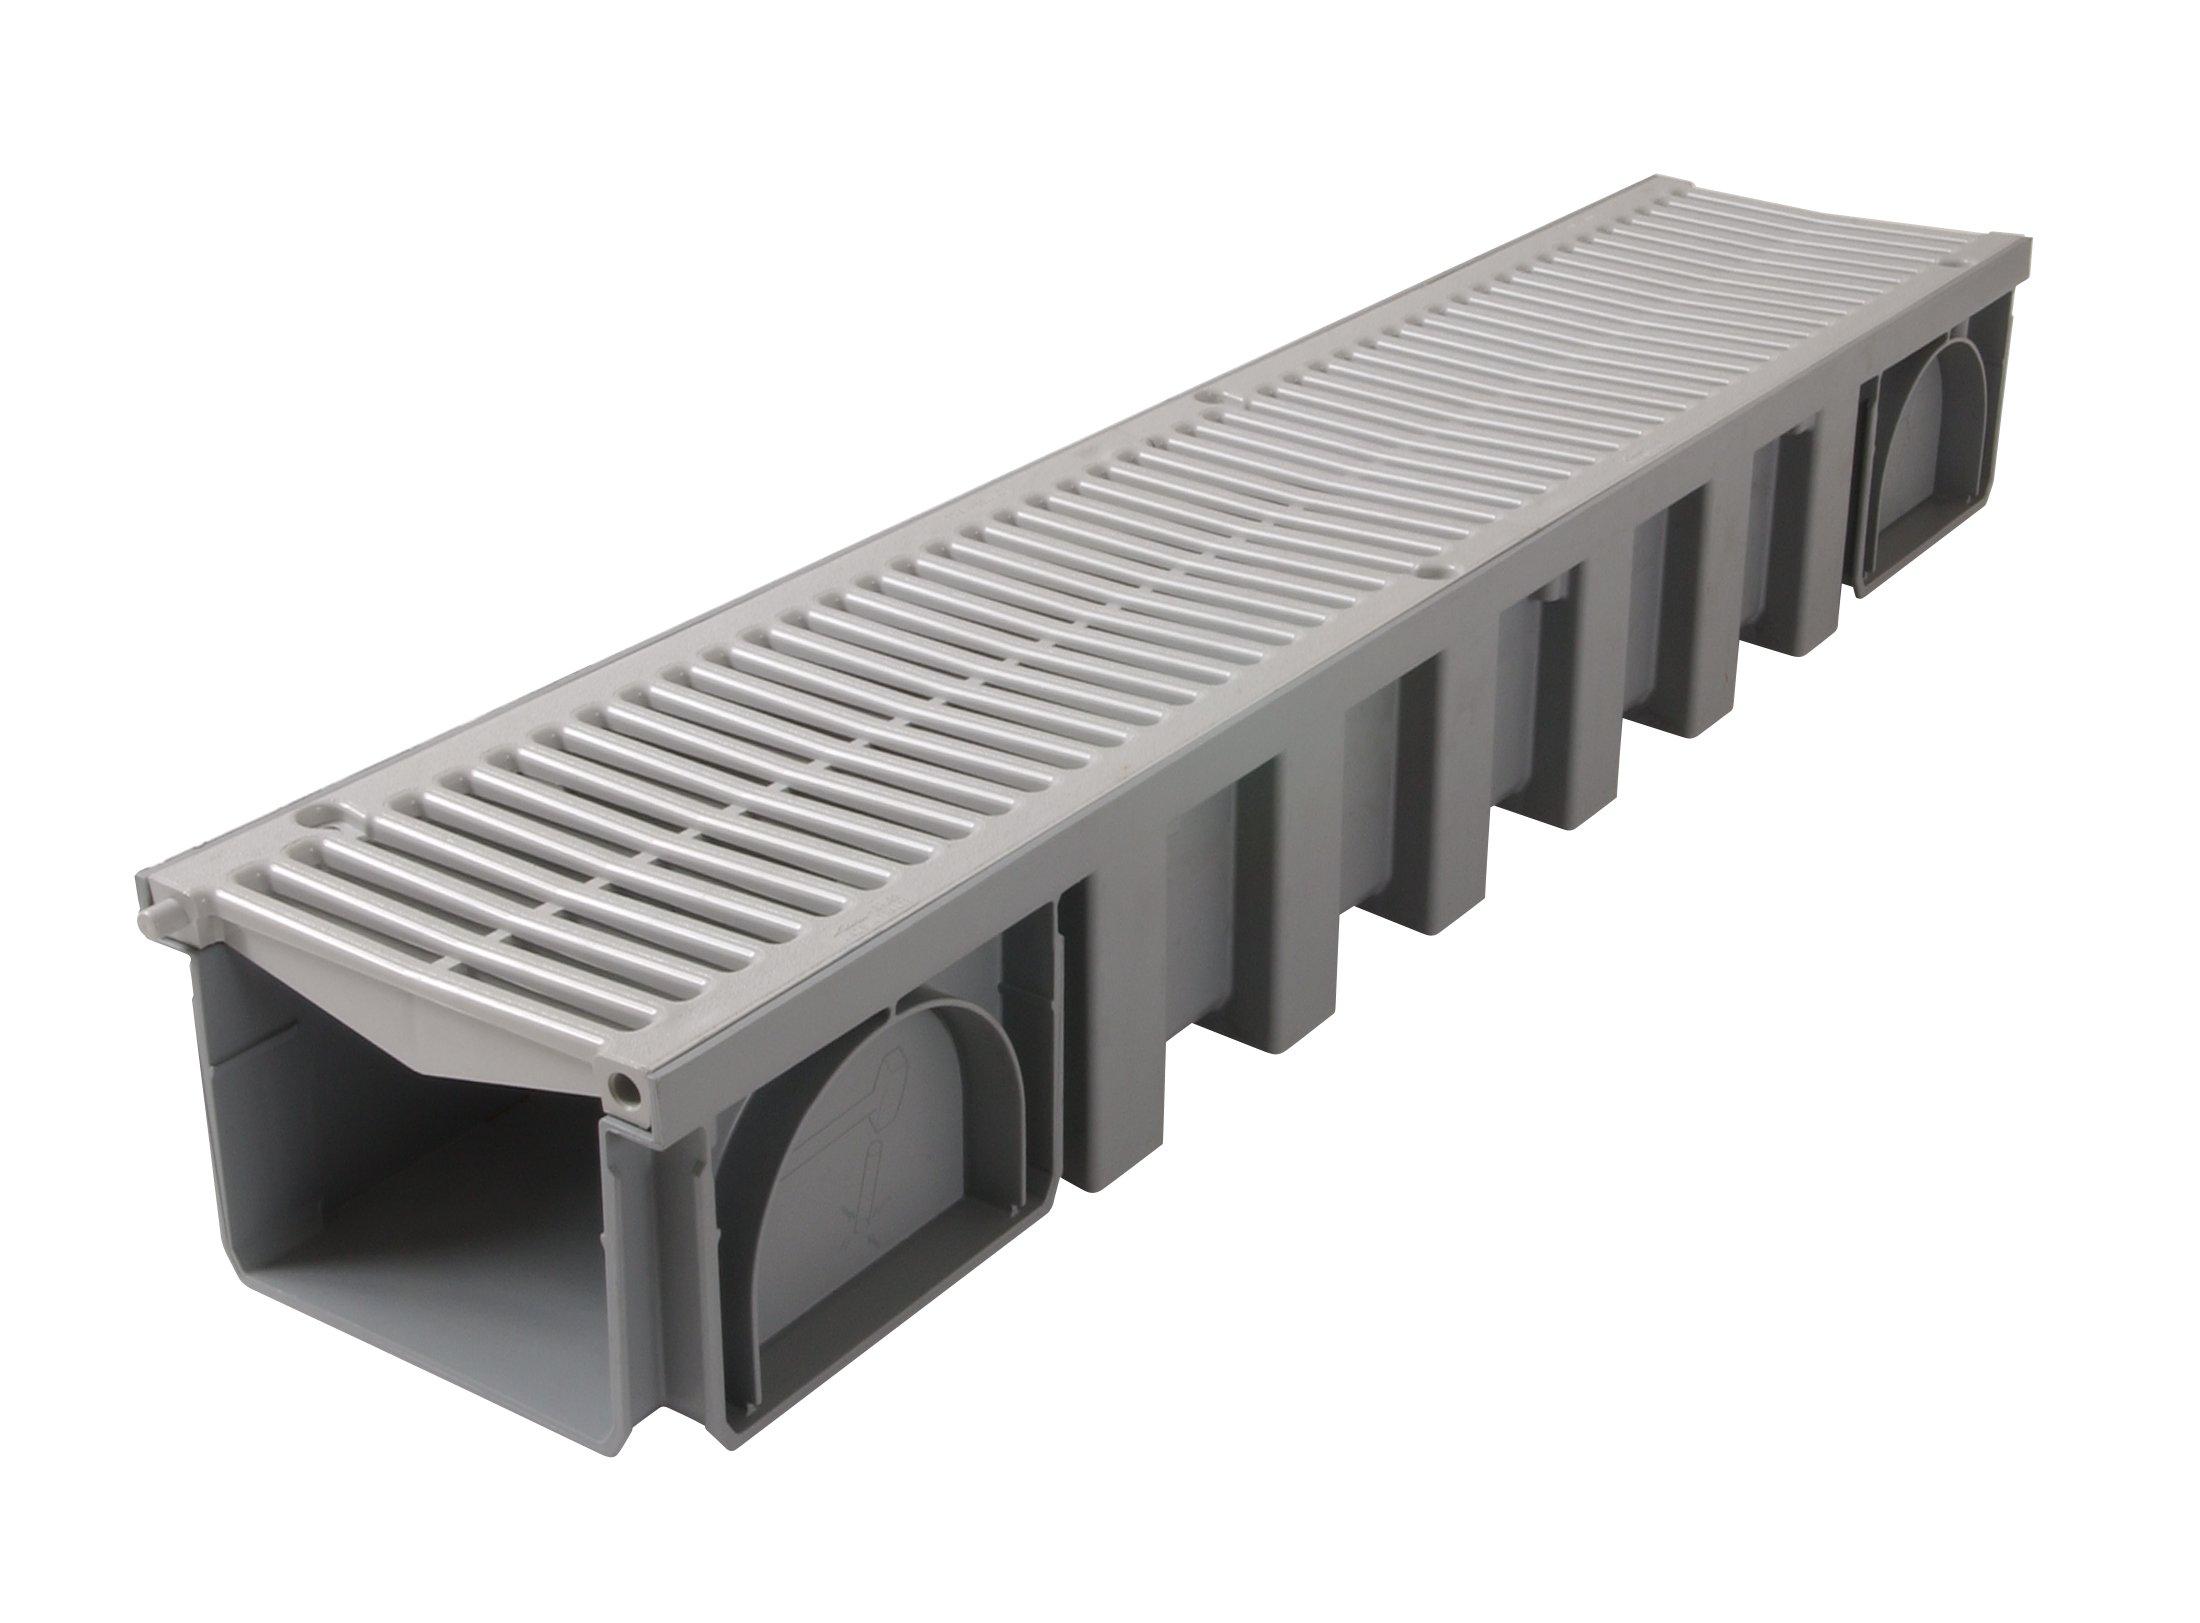 caniveau avec grille pvc a15 l150 int 200 ext connecto. Black Bedroom Furniture Sets. Home Design Ideas